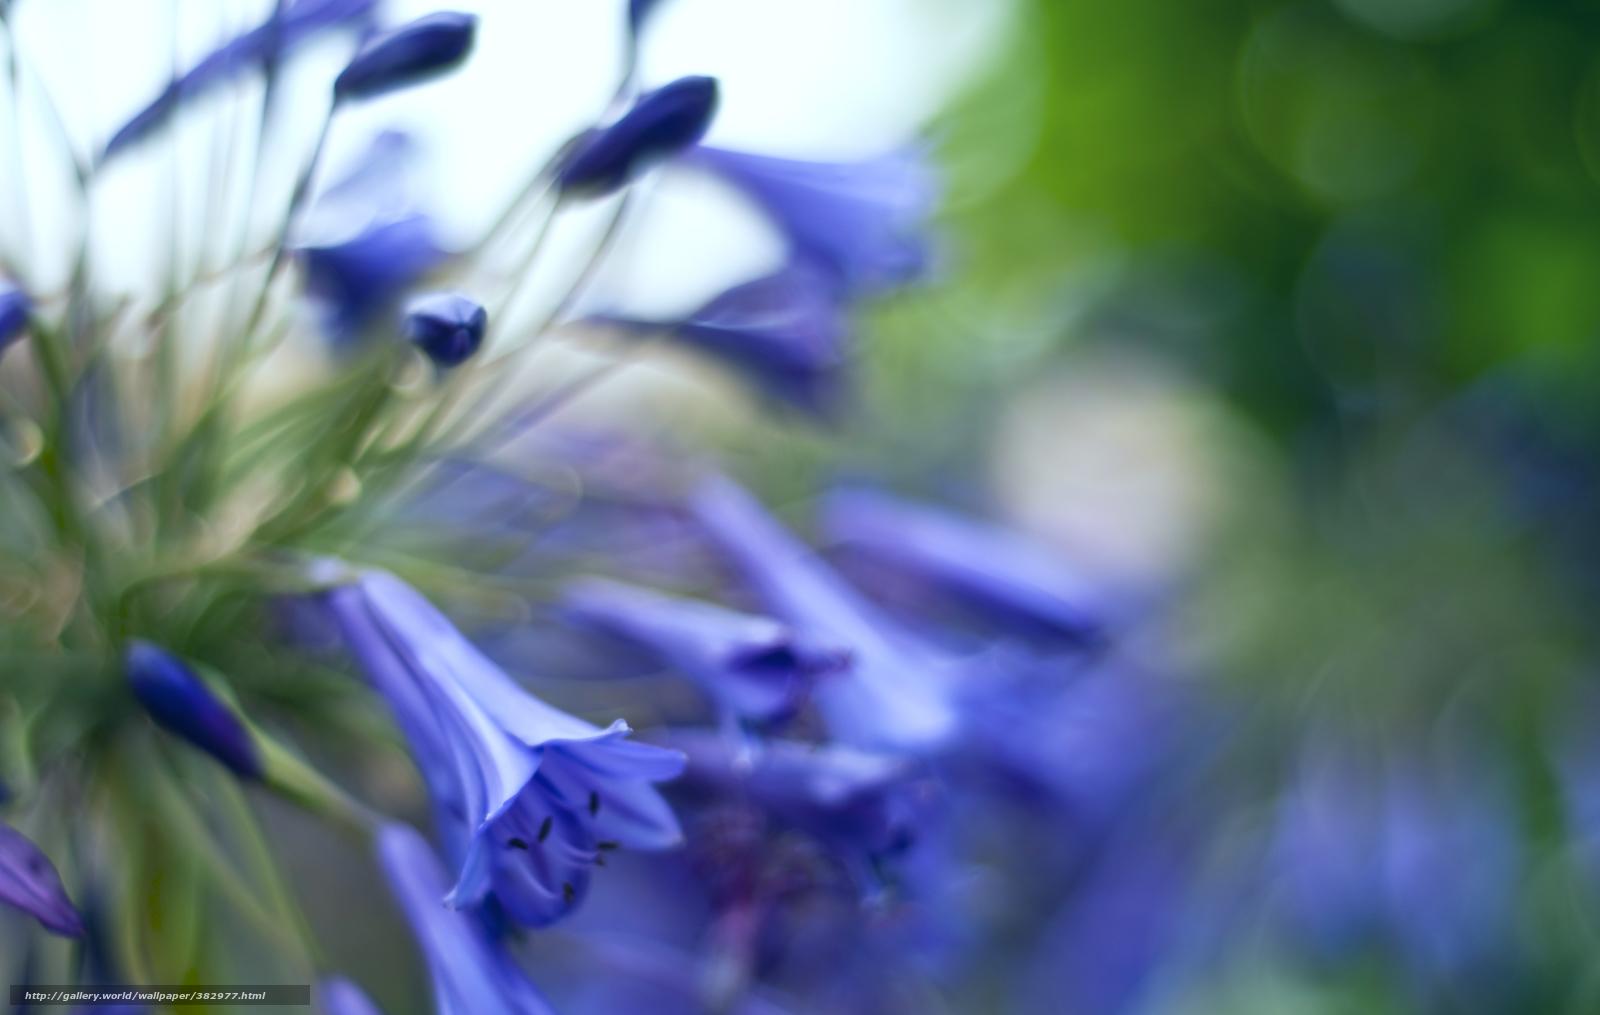 Картинки синие цветы на белом фоне - 6ab